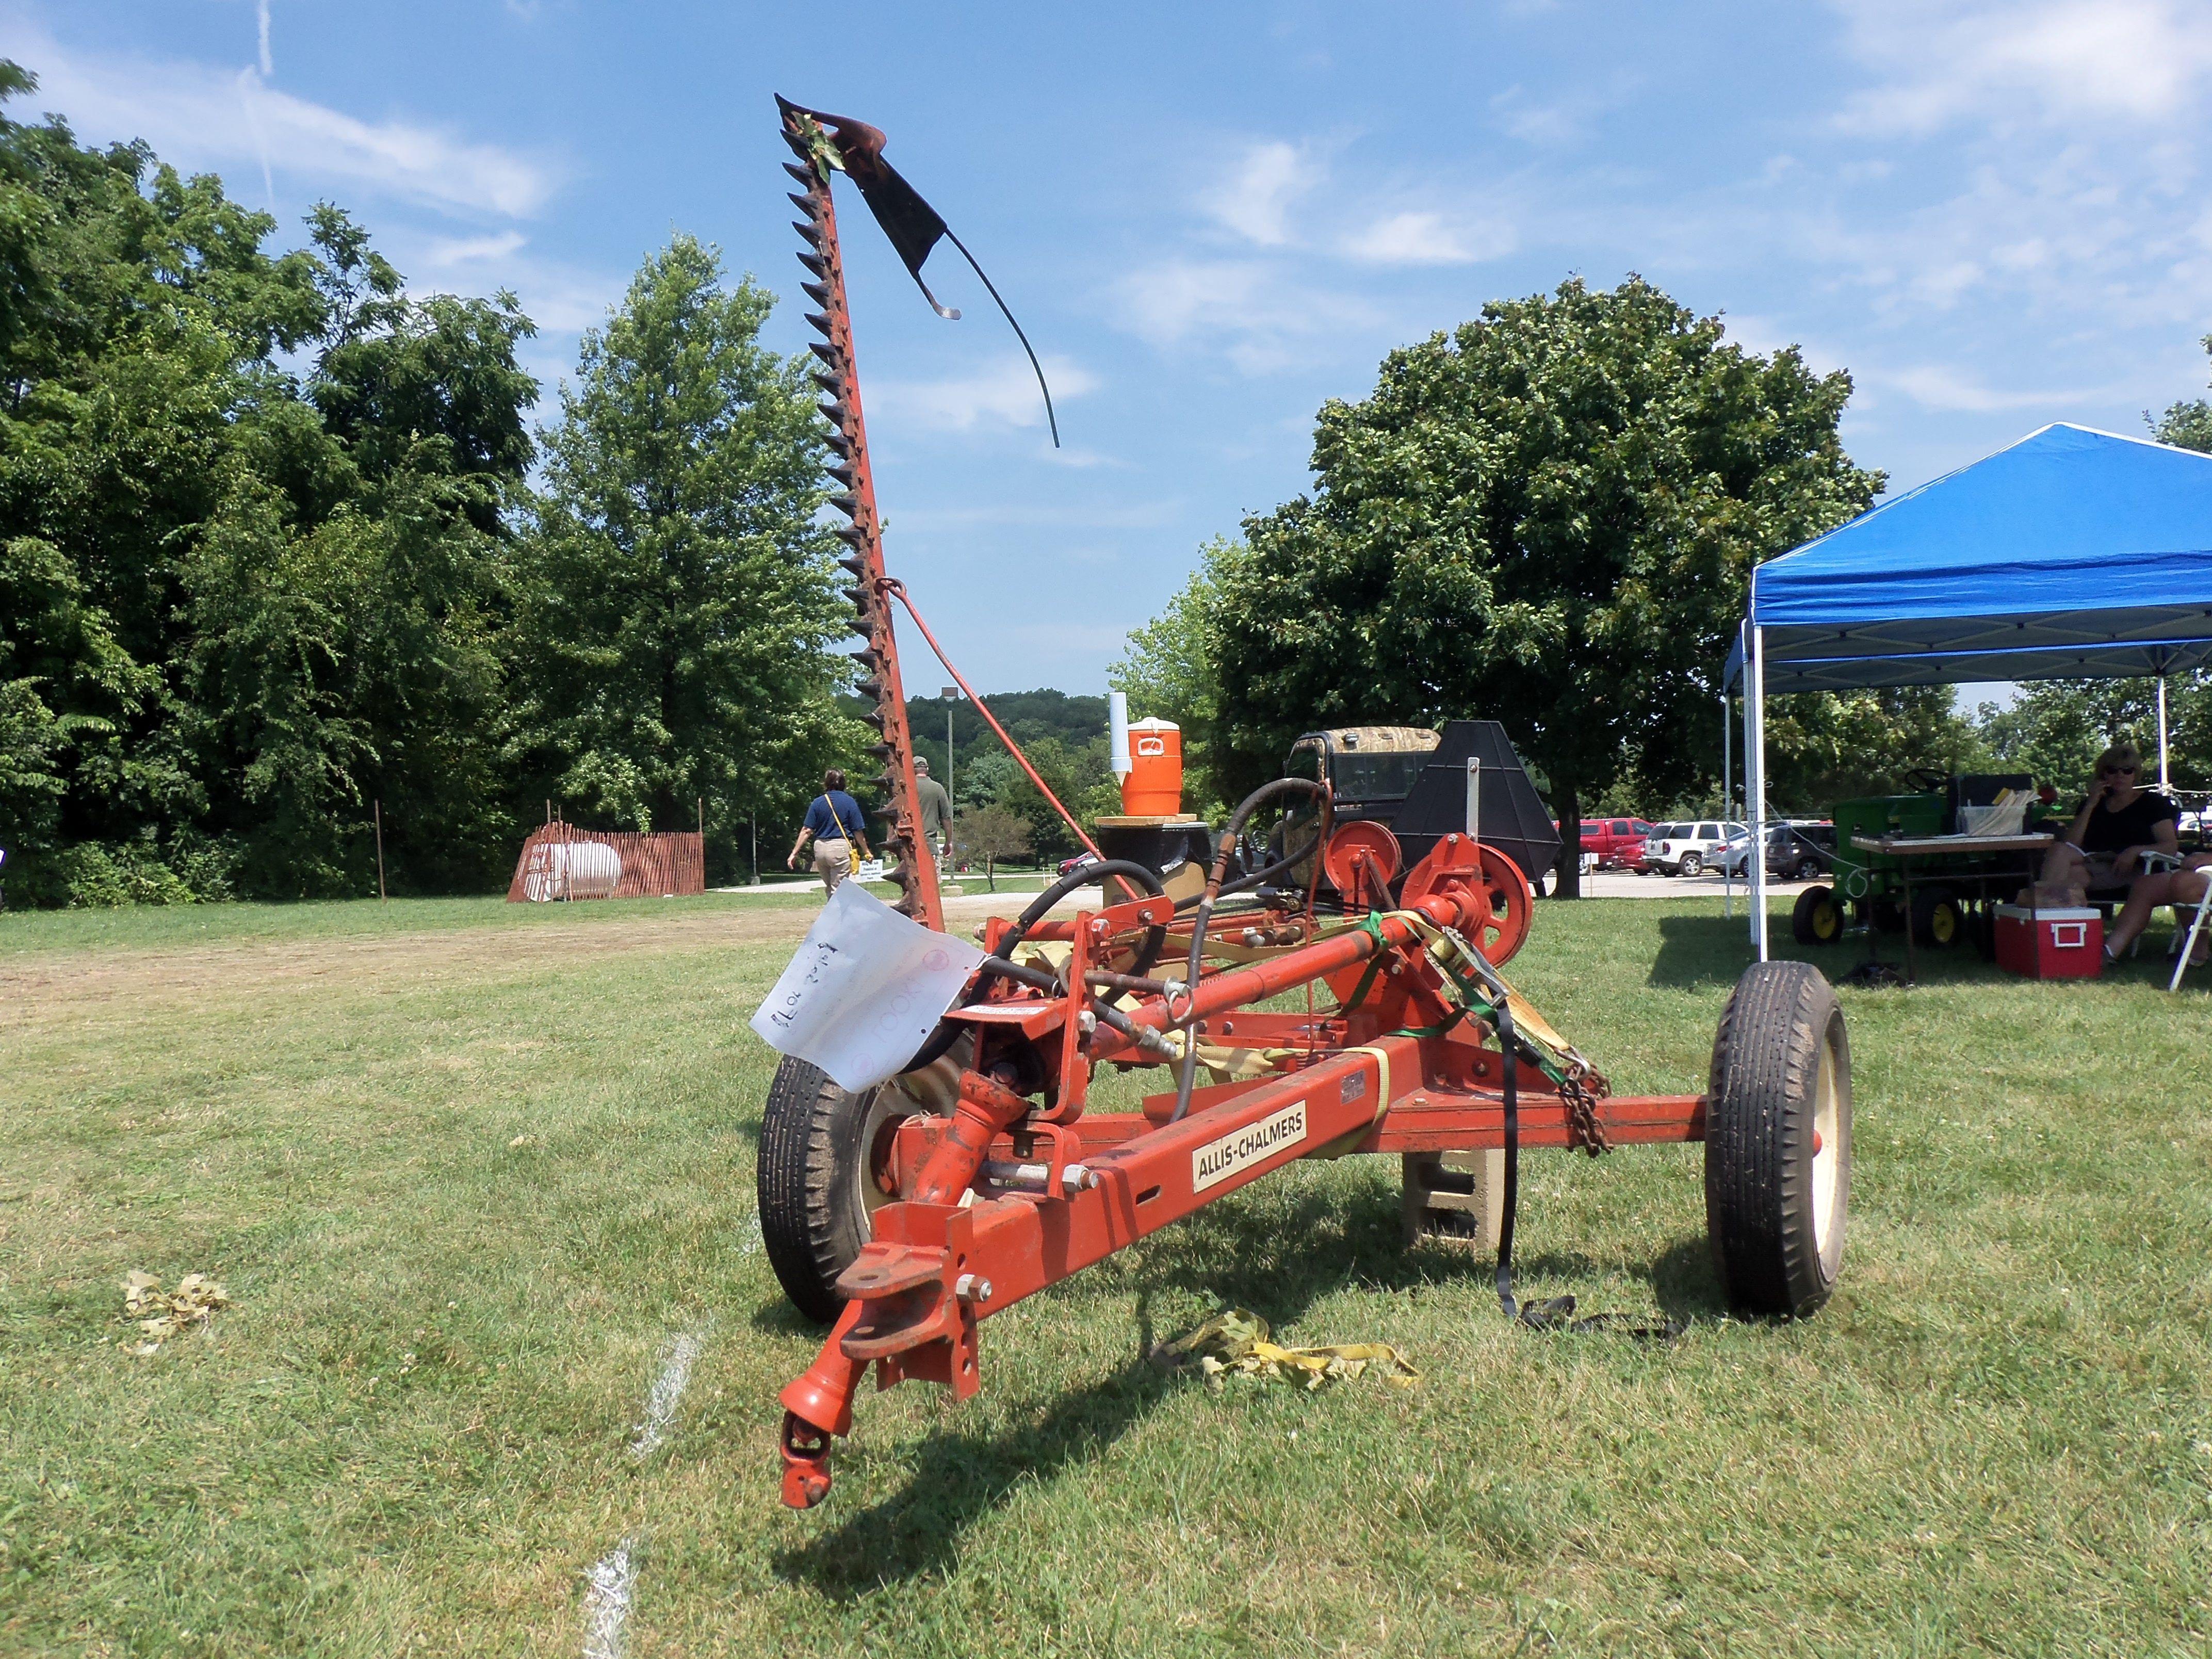 Allis Chalmers 82t Mower Old Farm Equipment Vintage Tractors Vintage Farm